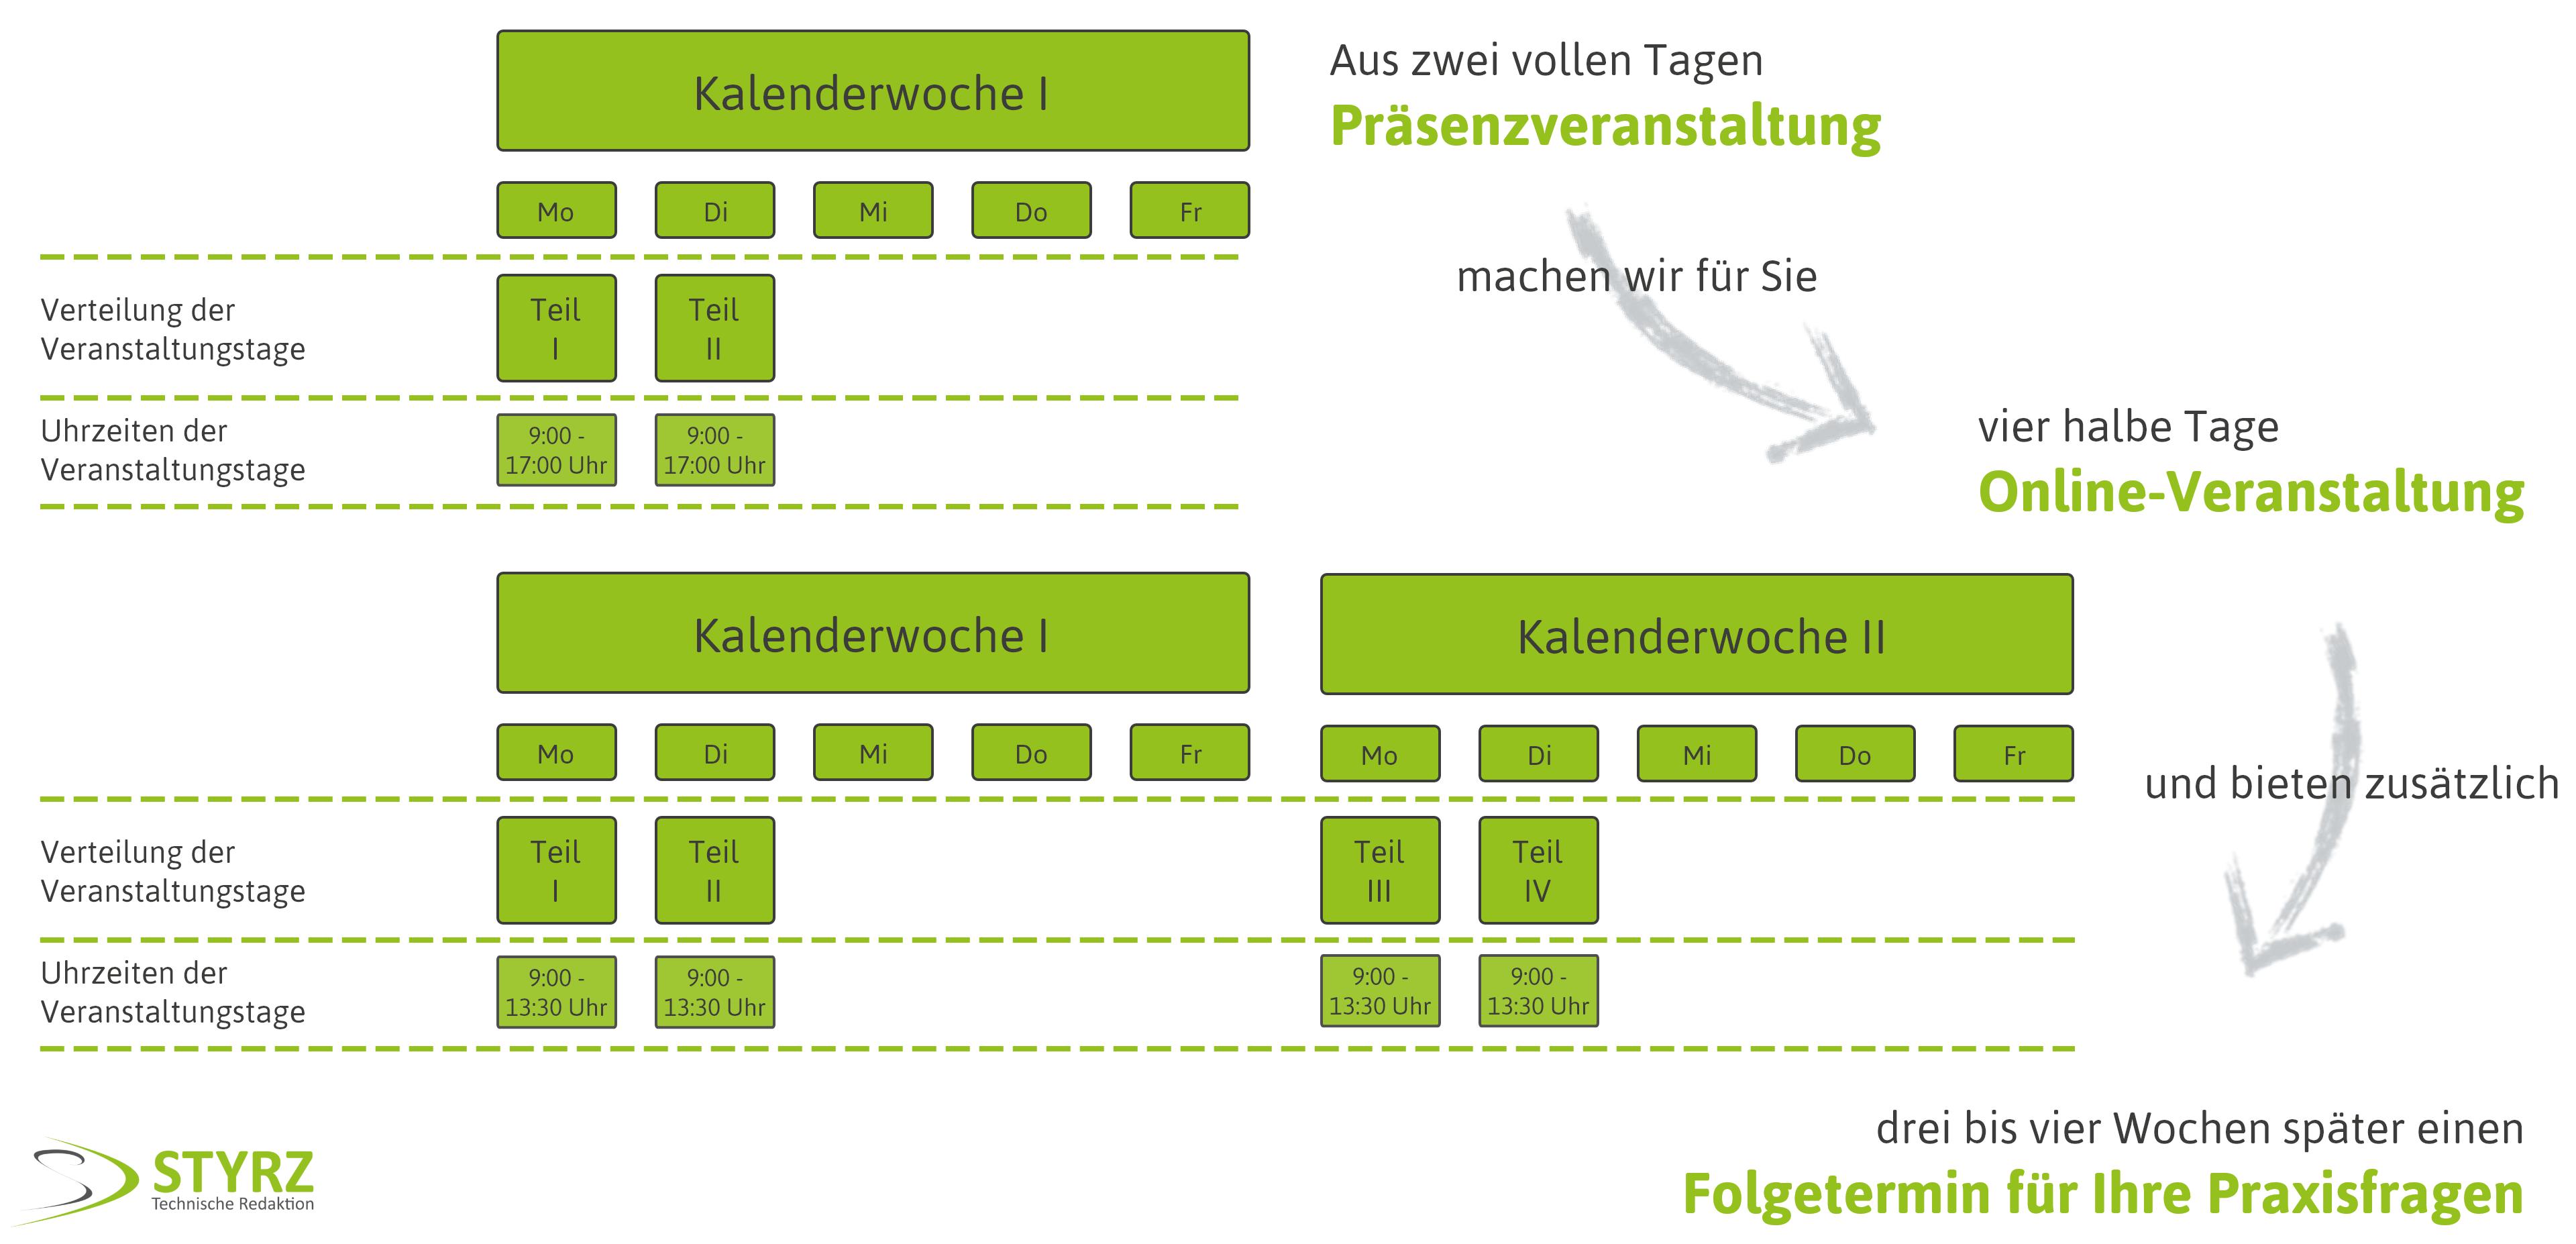 Styrz_Vergleich_schulung_vor_ort_oder_digital